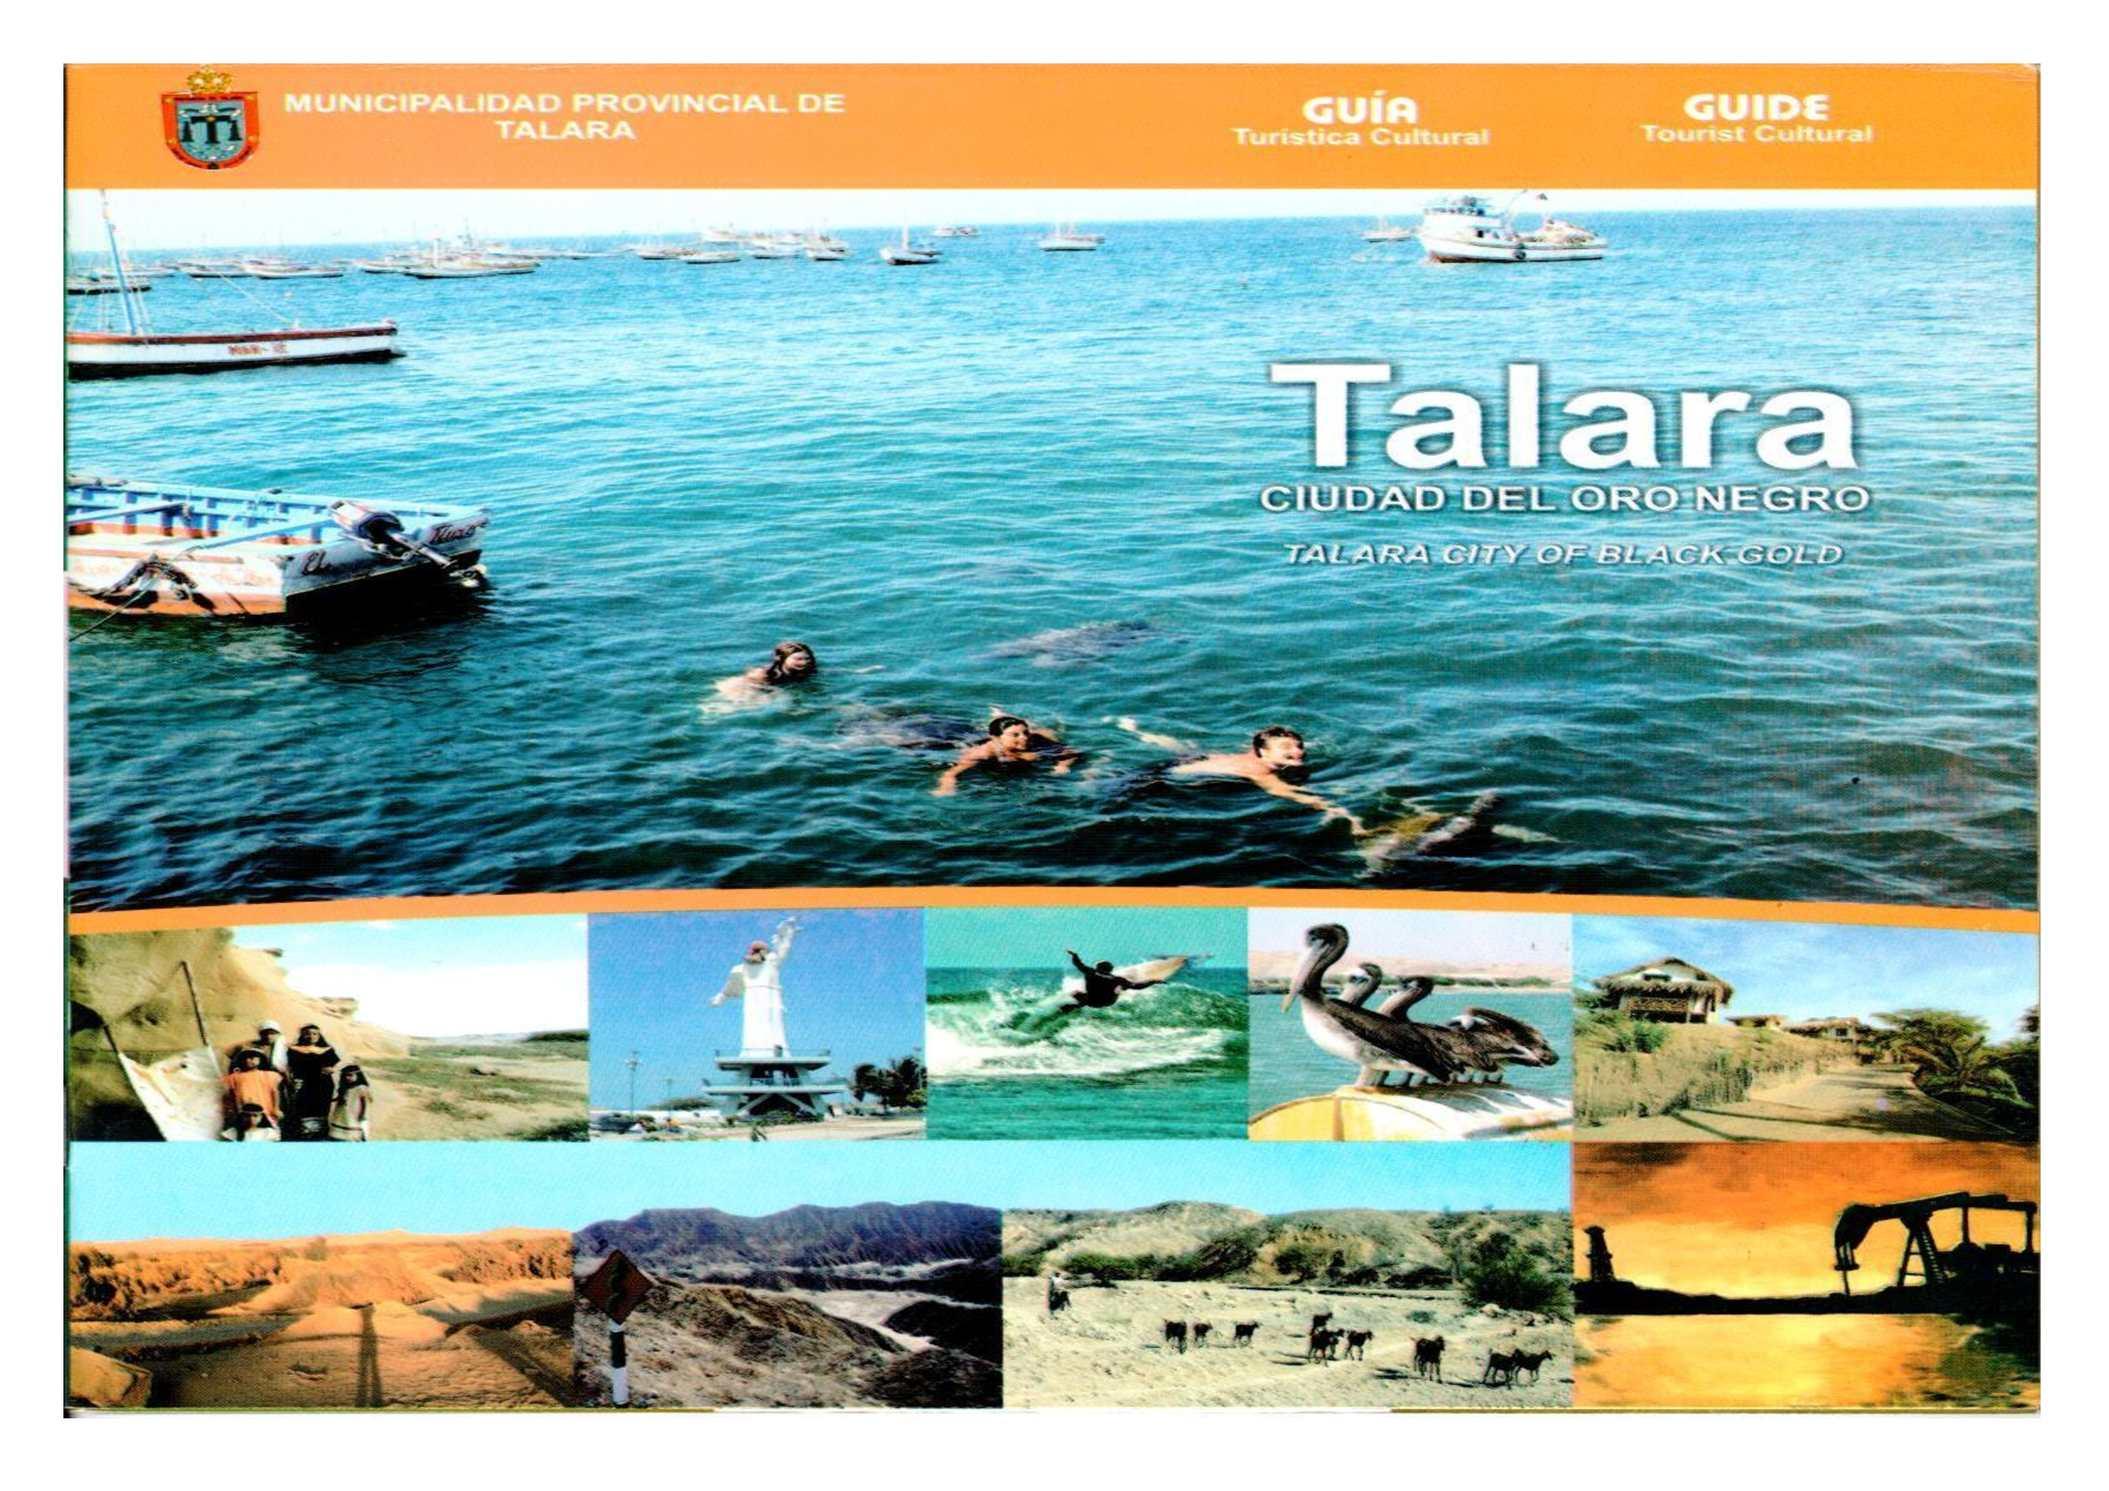 Guia Turistica Cultural Talara